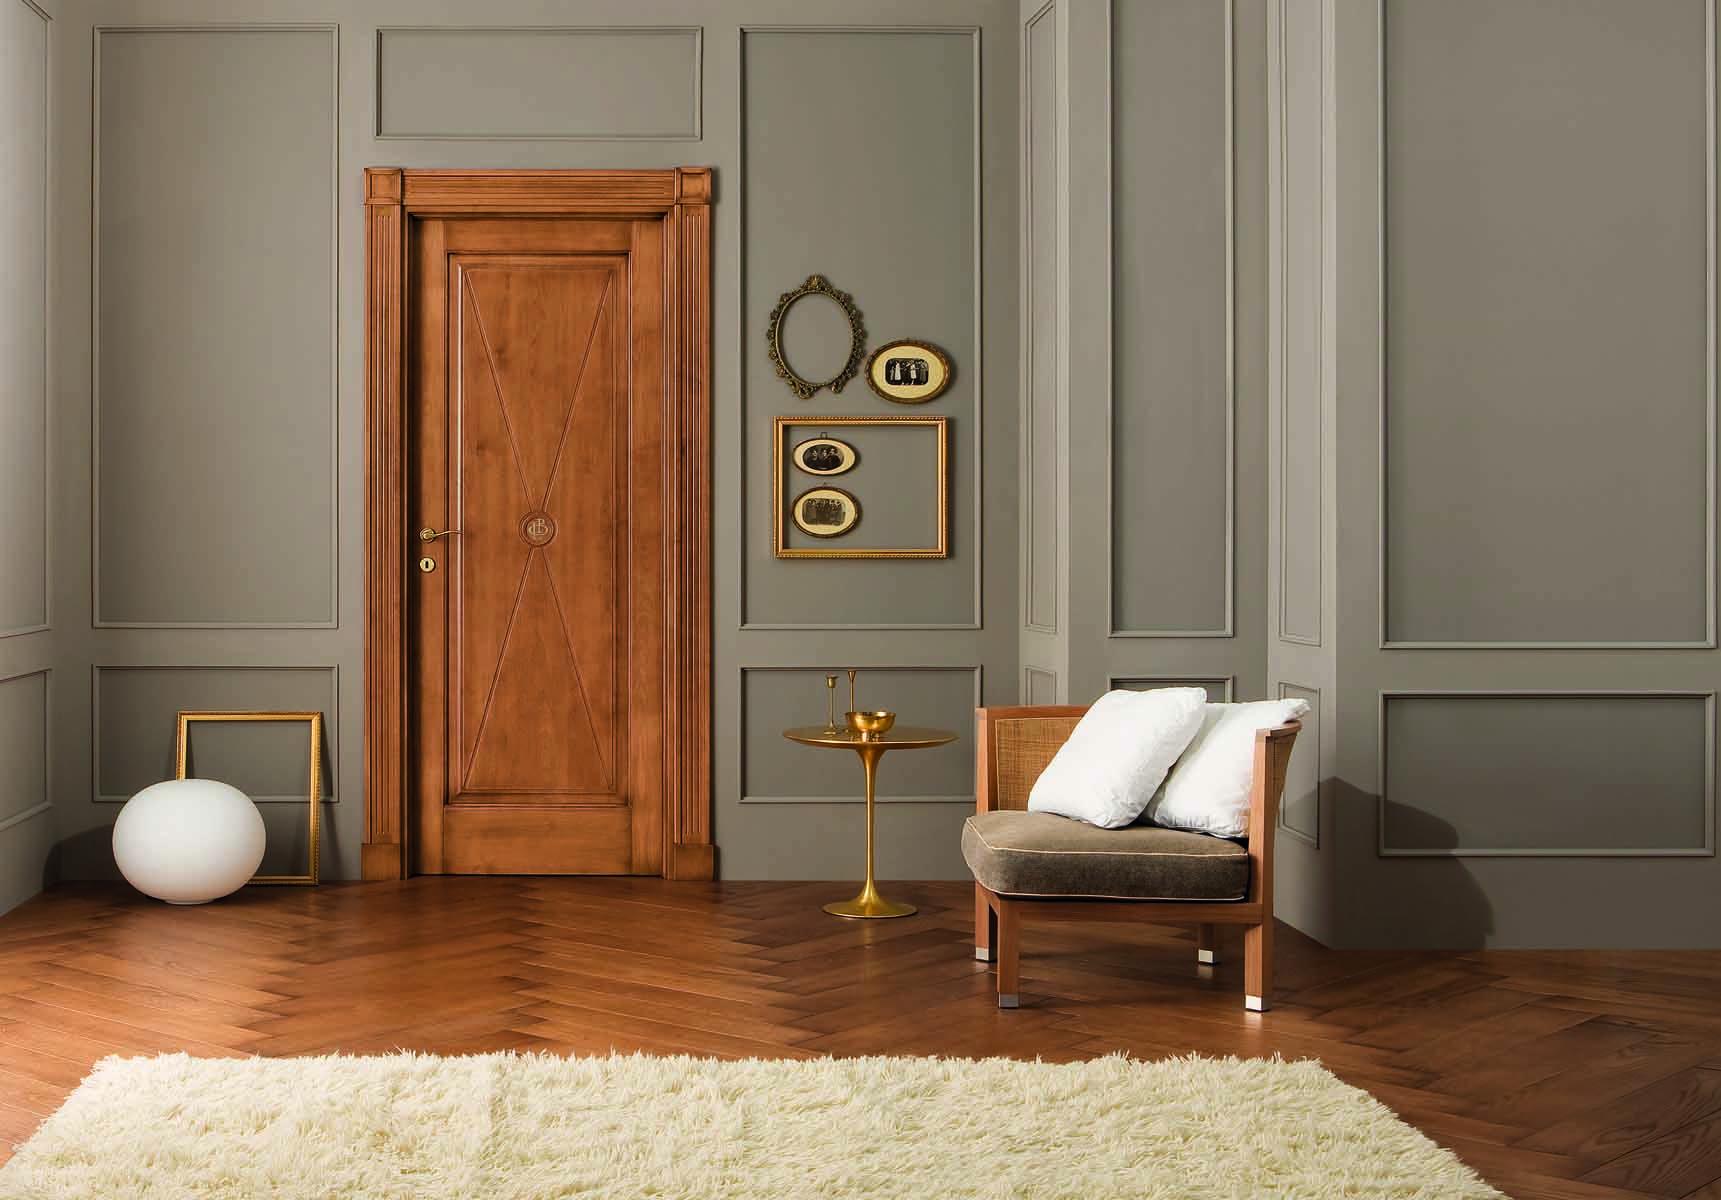 Marcas de puertas y armarios gunni trentino - Puertas de madera interior ...